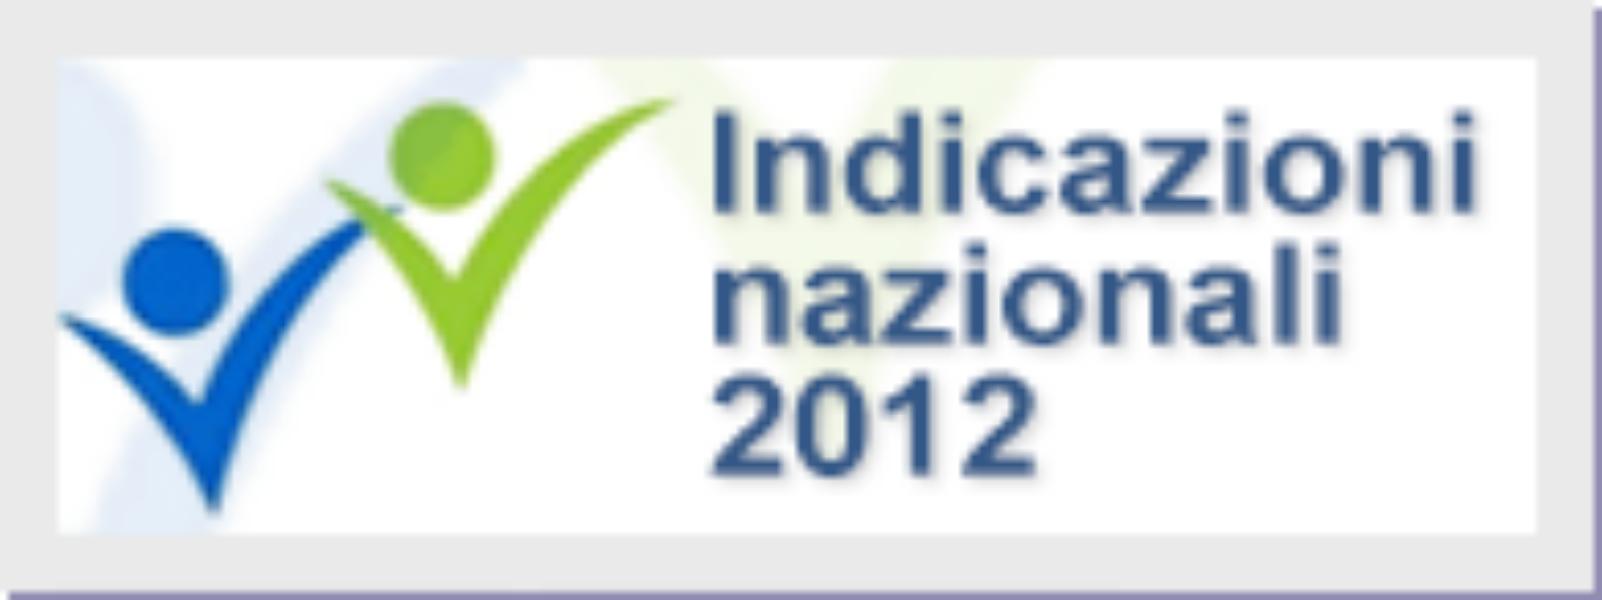 Indicazioni nazionali 2012